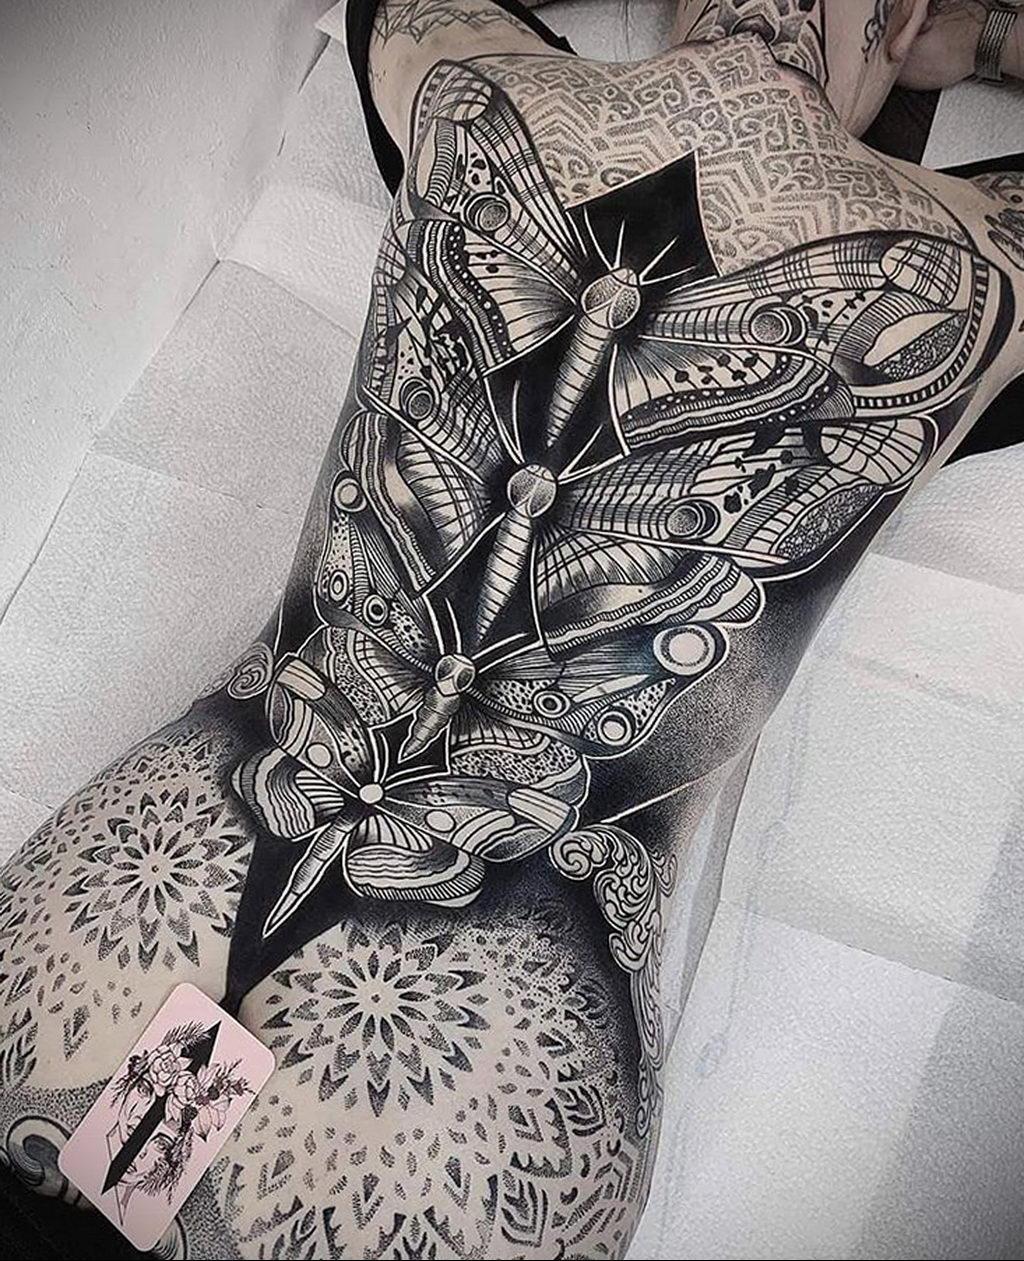 Красивы тату в стиле дотворк на спине и попе девушки – tatufoto.com